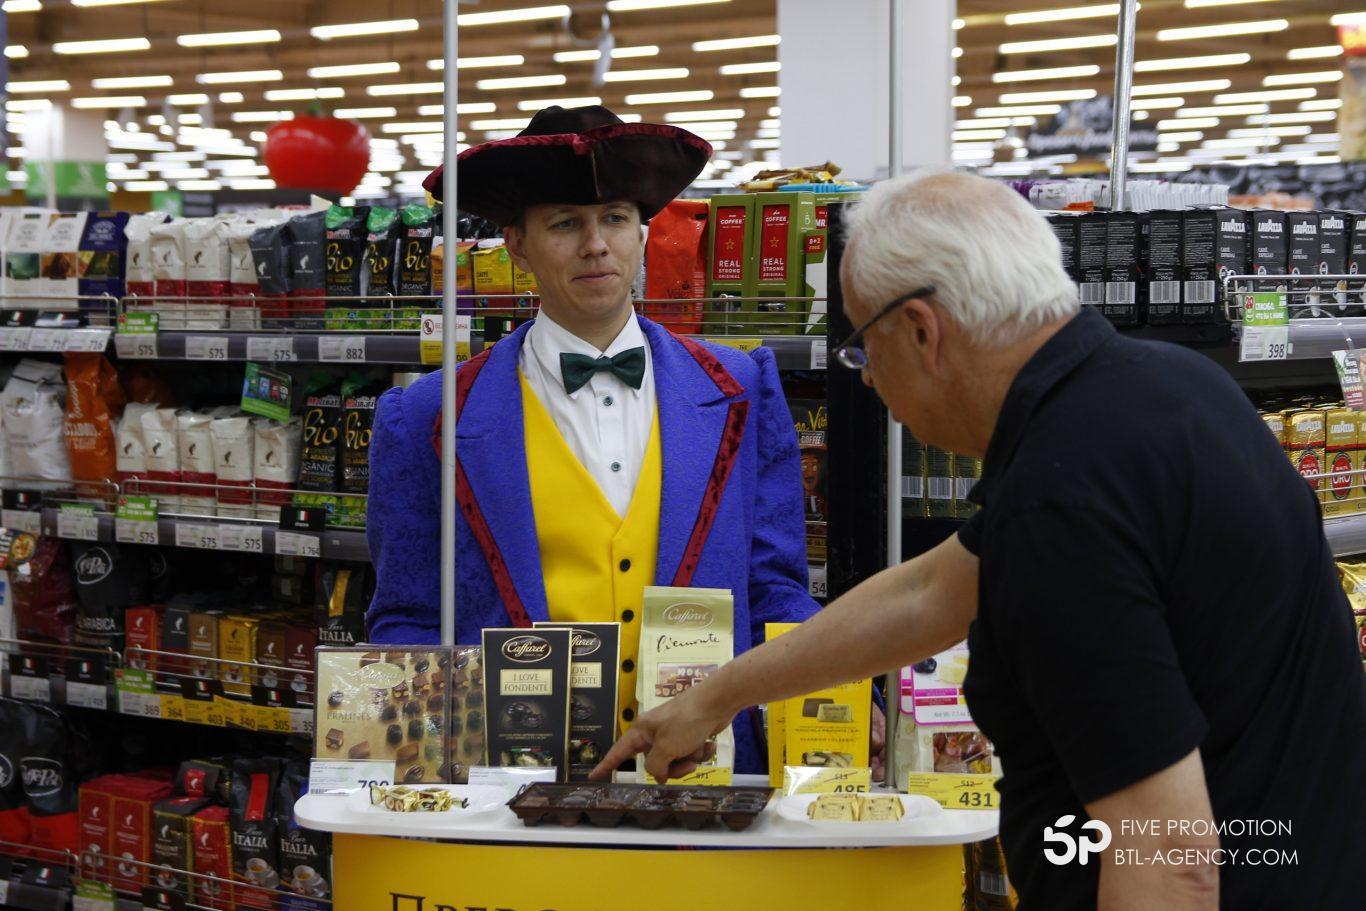 дегустация, промо акция, шоколадные конфеты, промо-модель